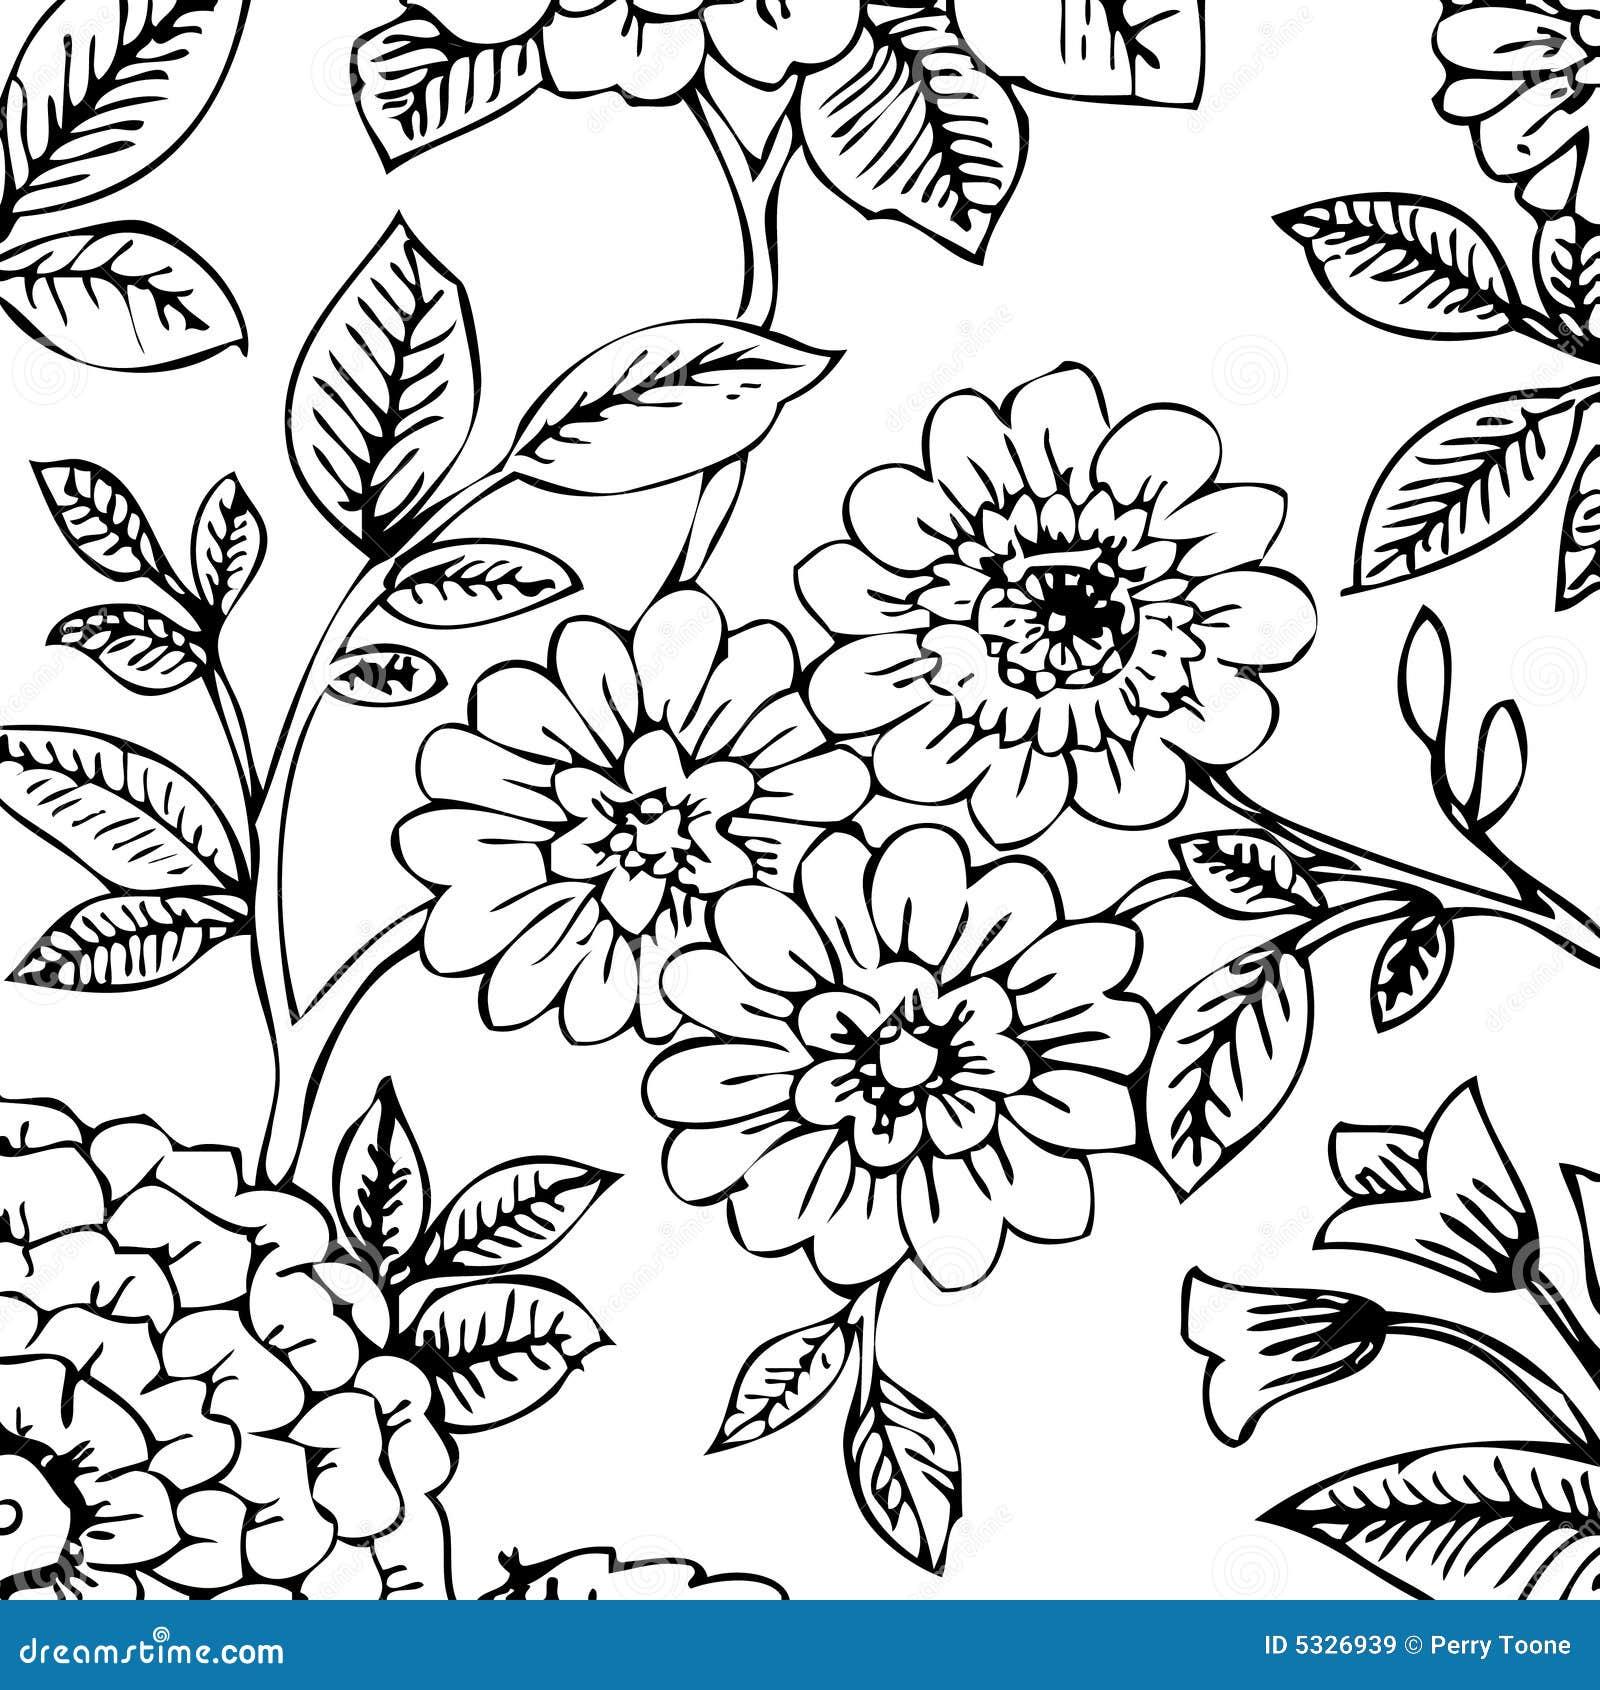 Carta da parati floreale nera bianca immagini stock libere for Carta da parati moderna bianca e nera